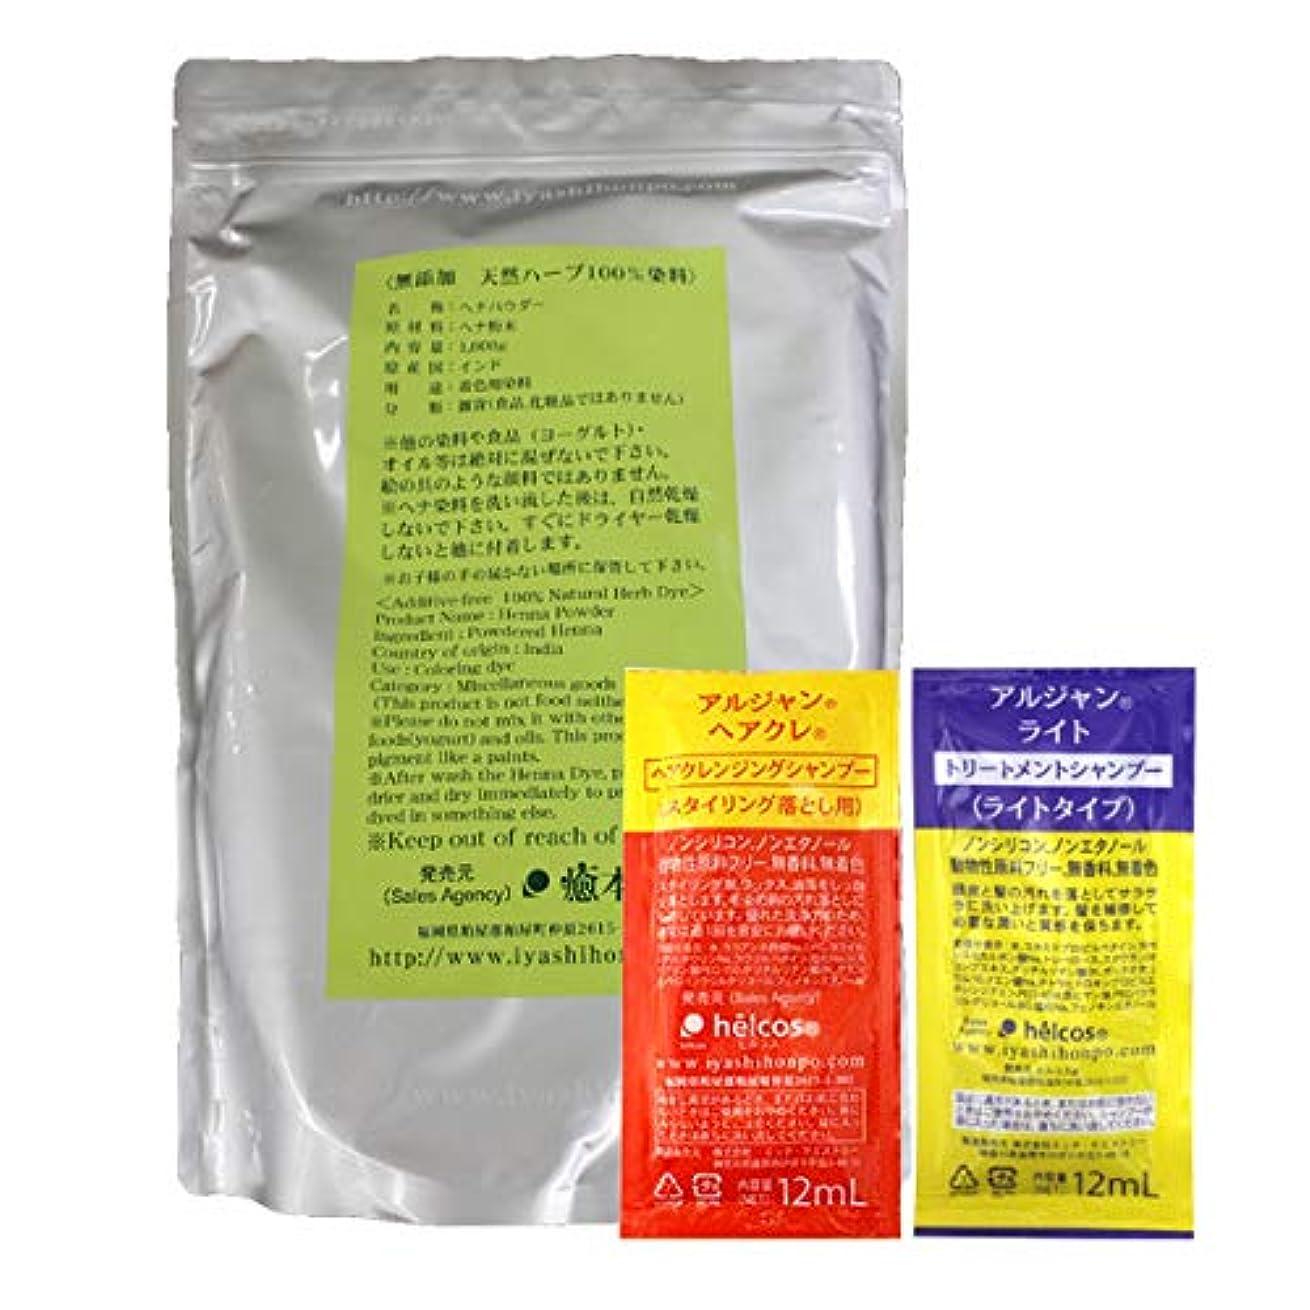 ペース罪人ワーカー白髪染め ヘナ(天然染料100%) 1,000g + シャンプー2種セット 癒本舗(ブラウン)